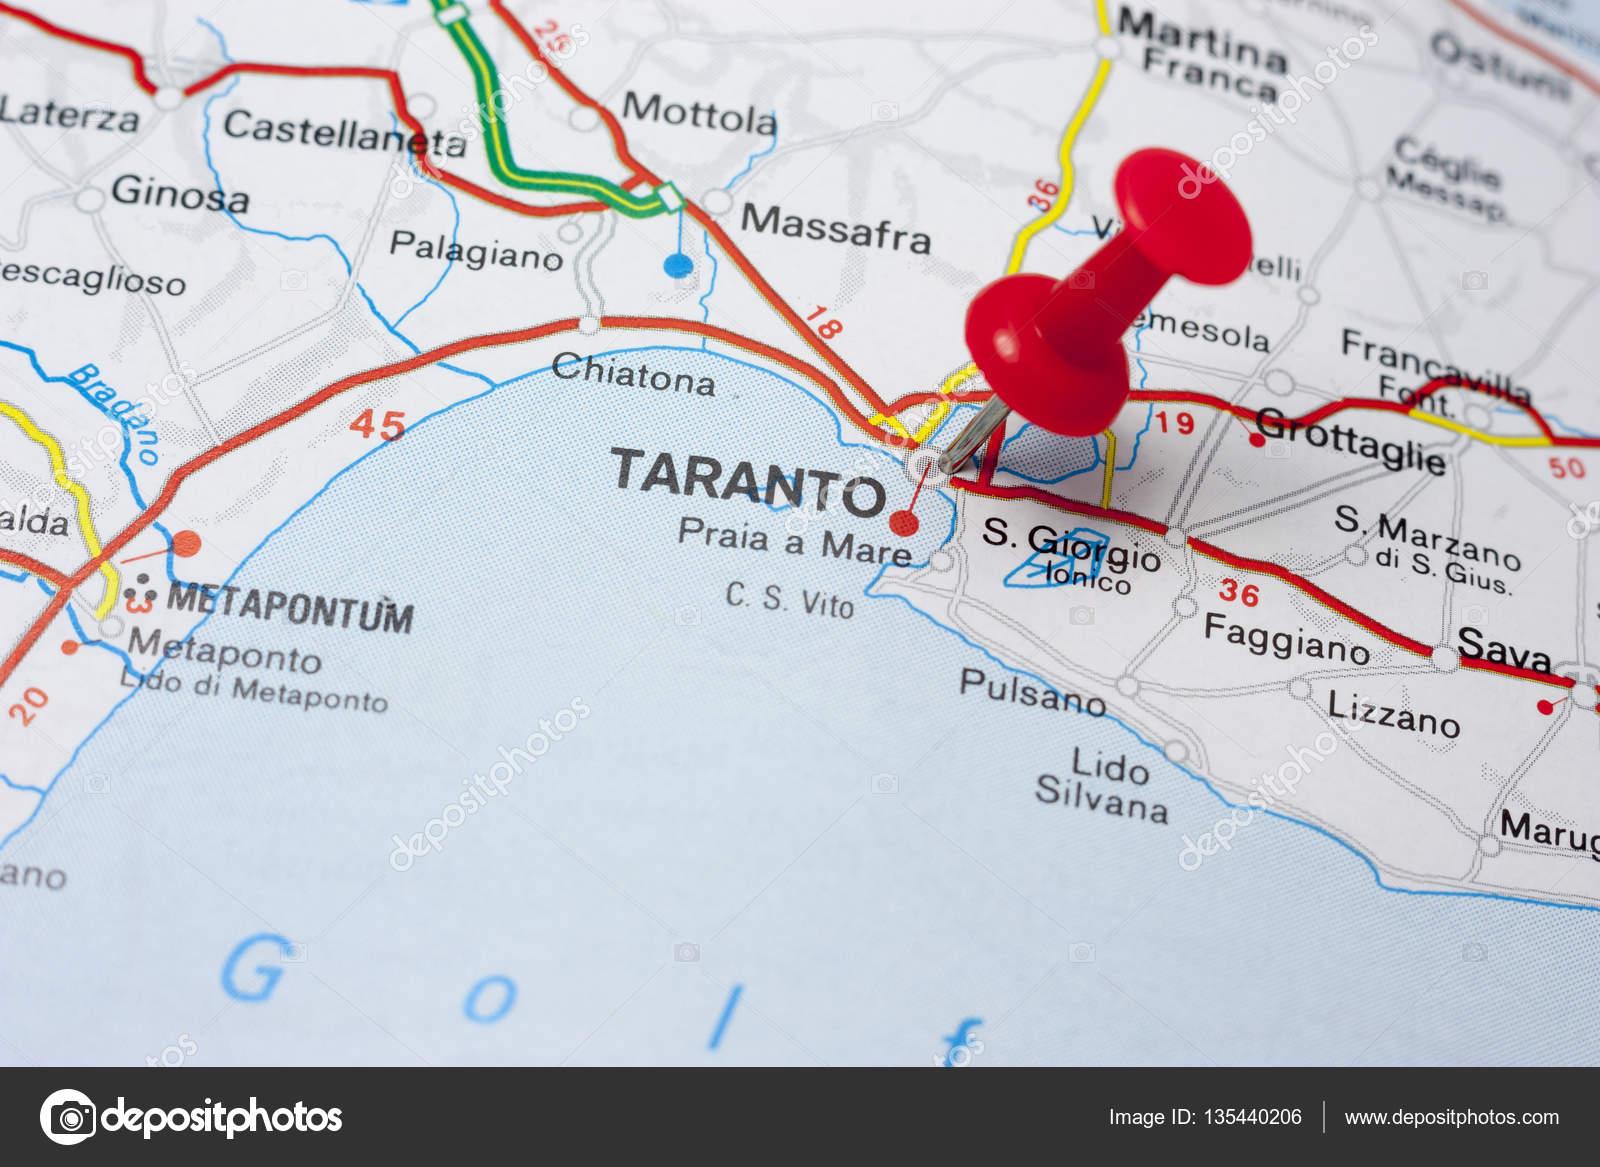 Taranto Italy On A Map Stock Photo maior 135440206